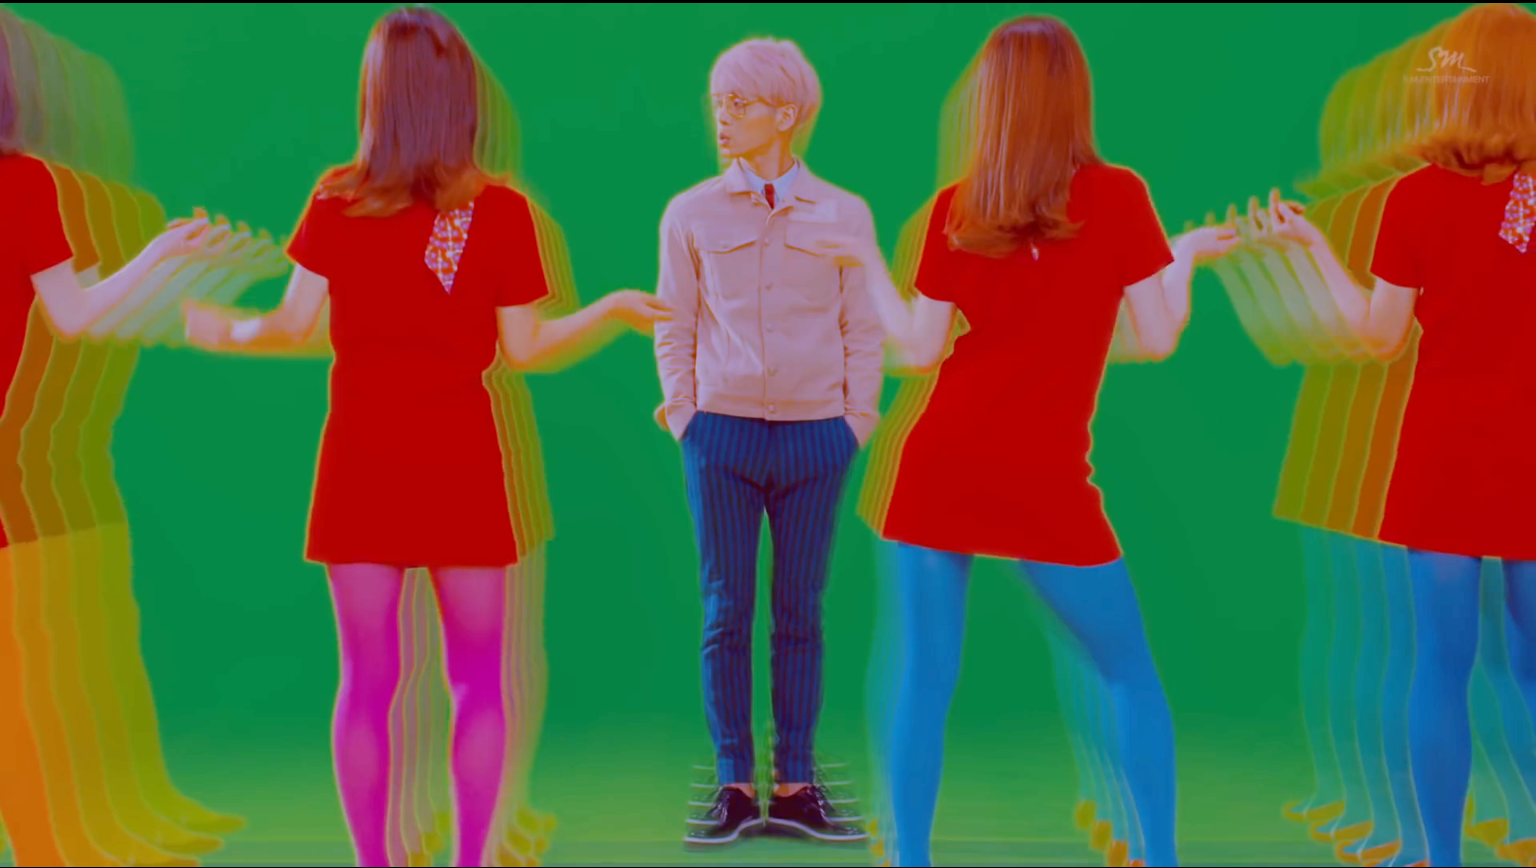 She-Is-Jonghyun-StyleCookieJar-9